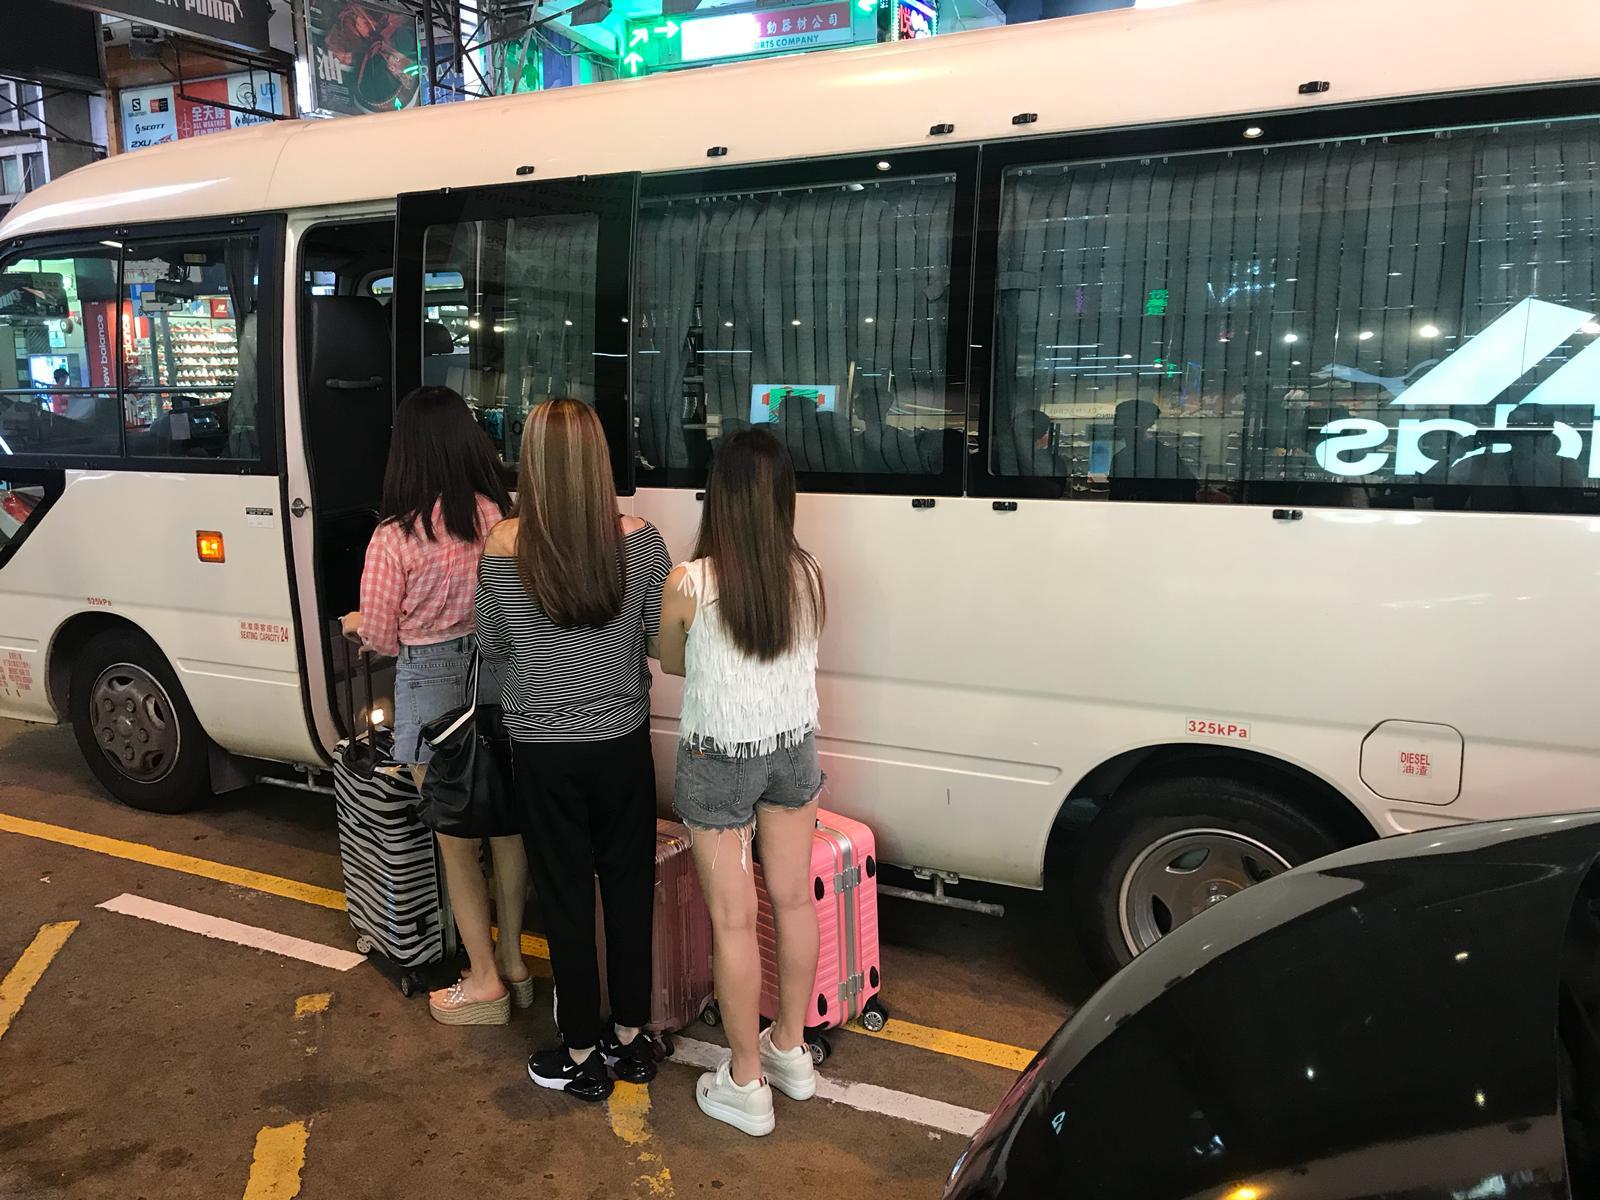 警方共拘捕33名内地女子。警方提供